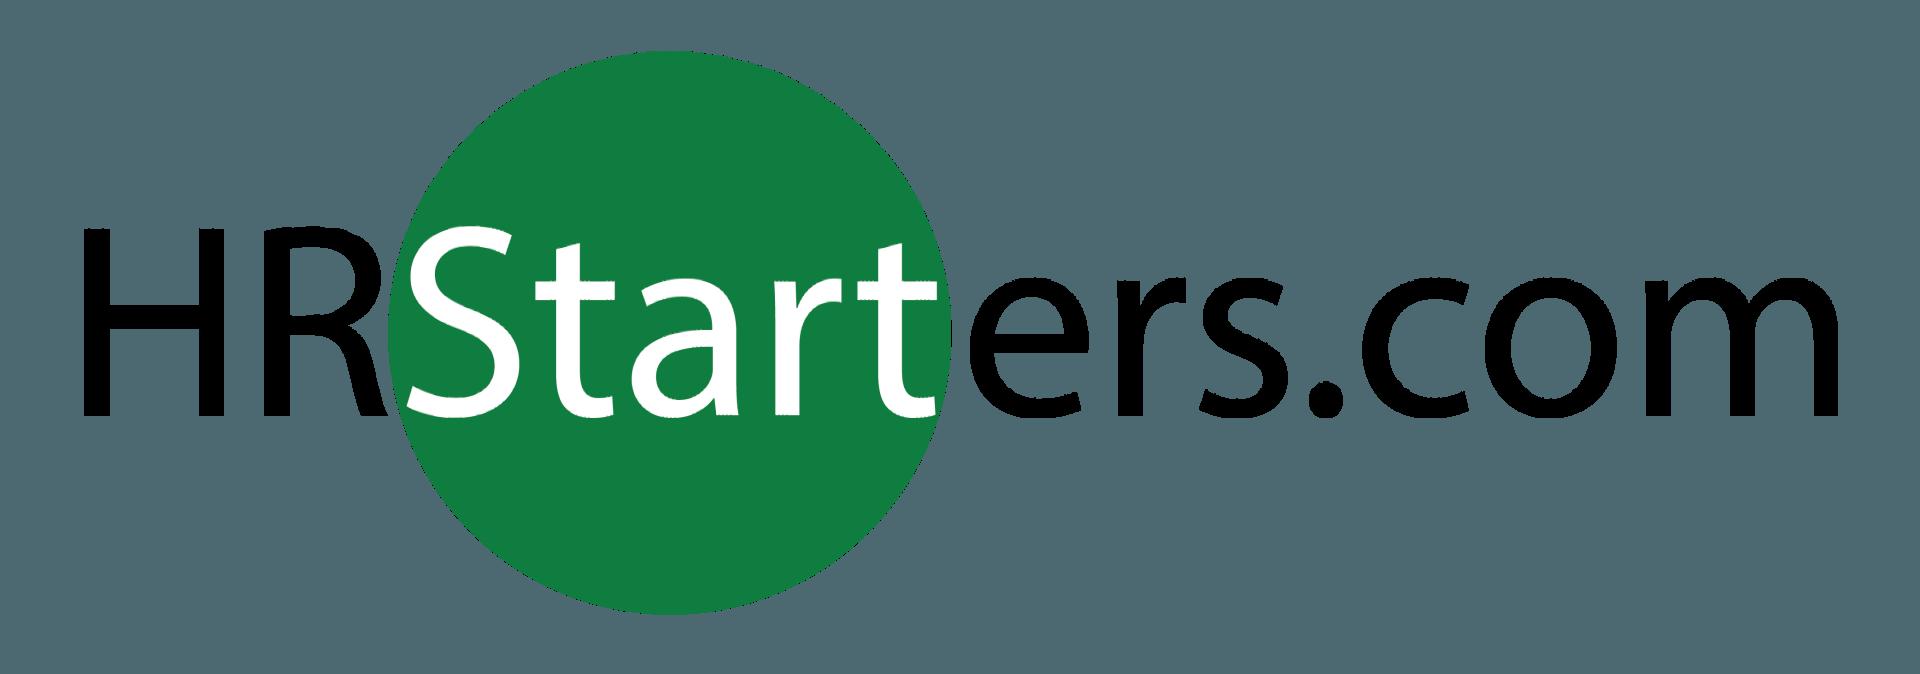 HR Starters